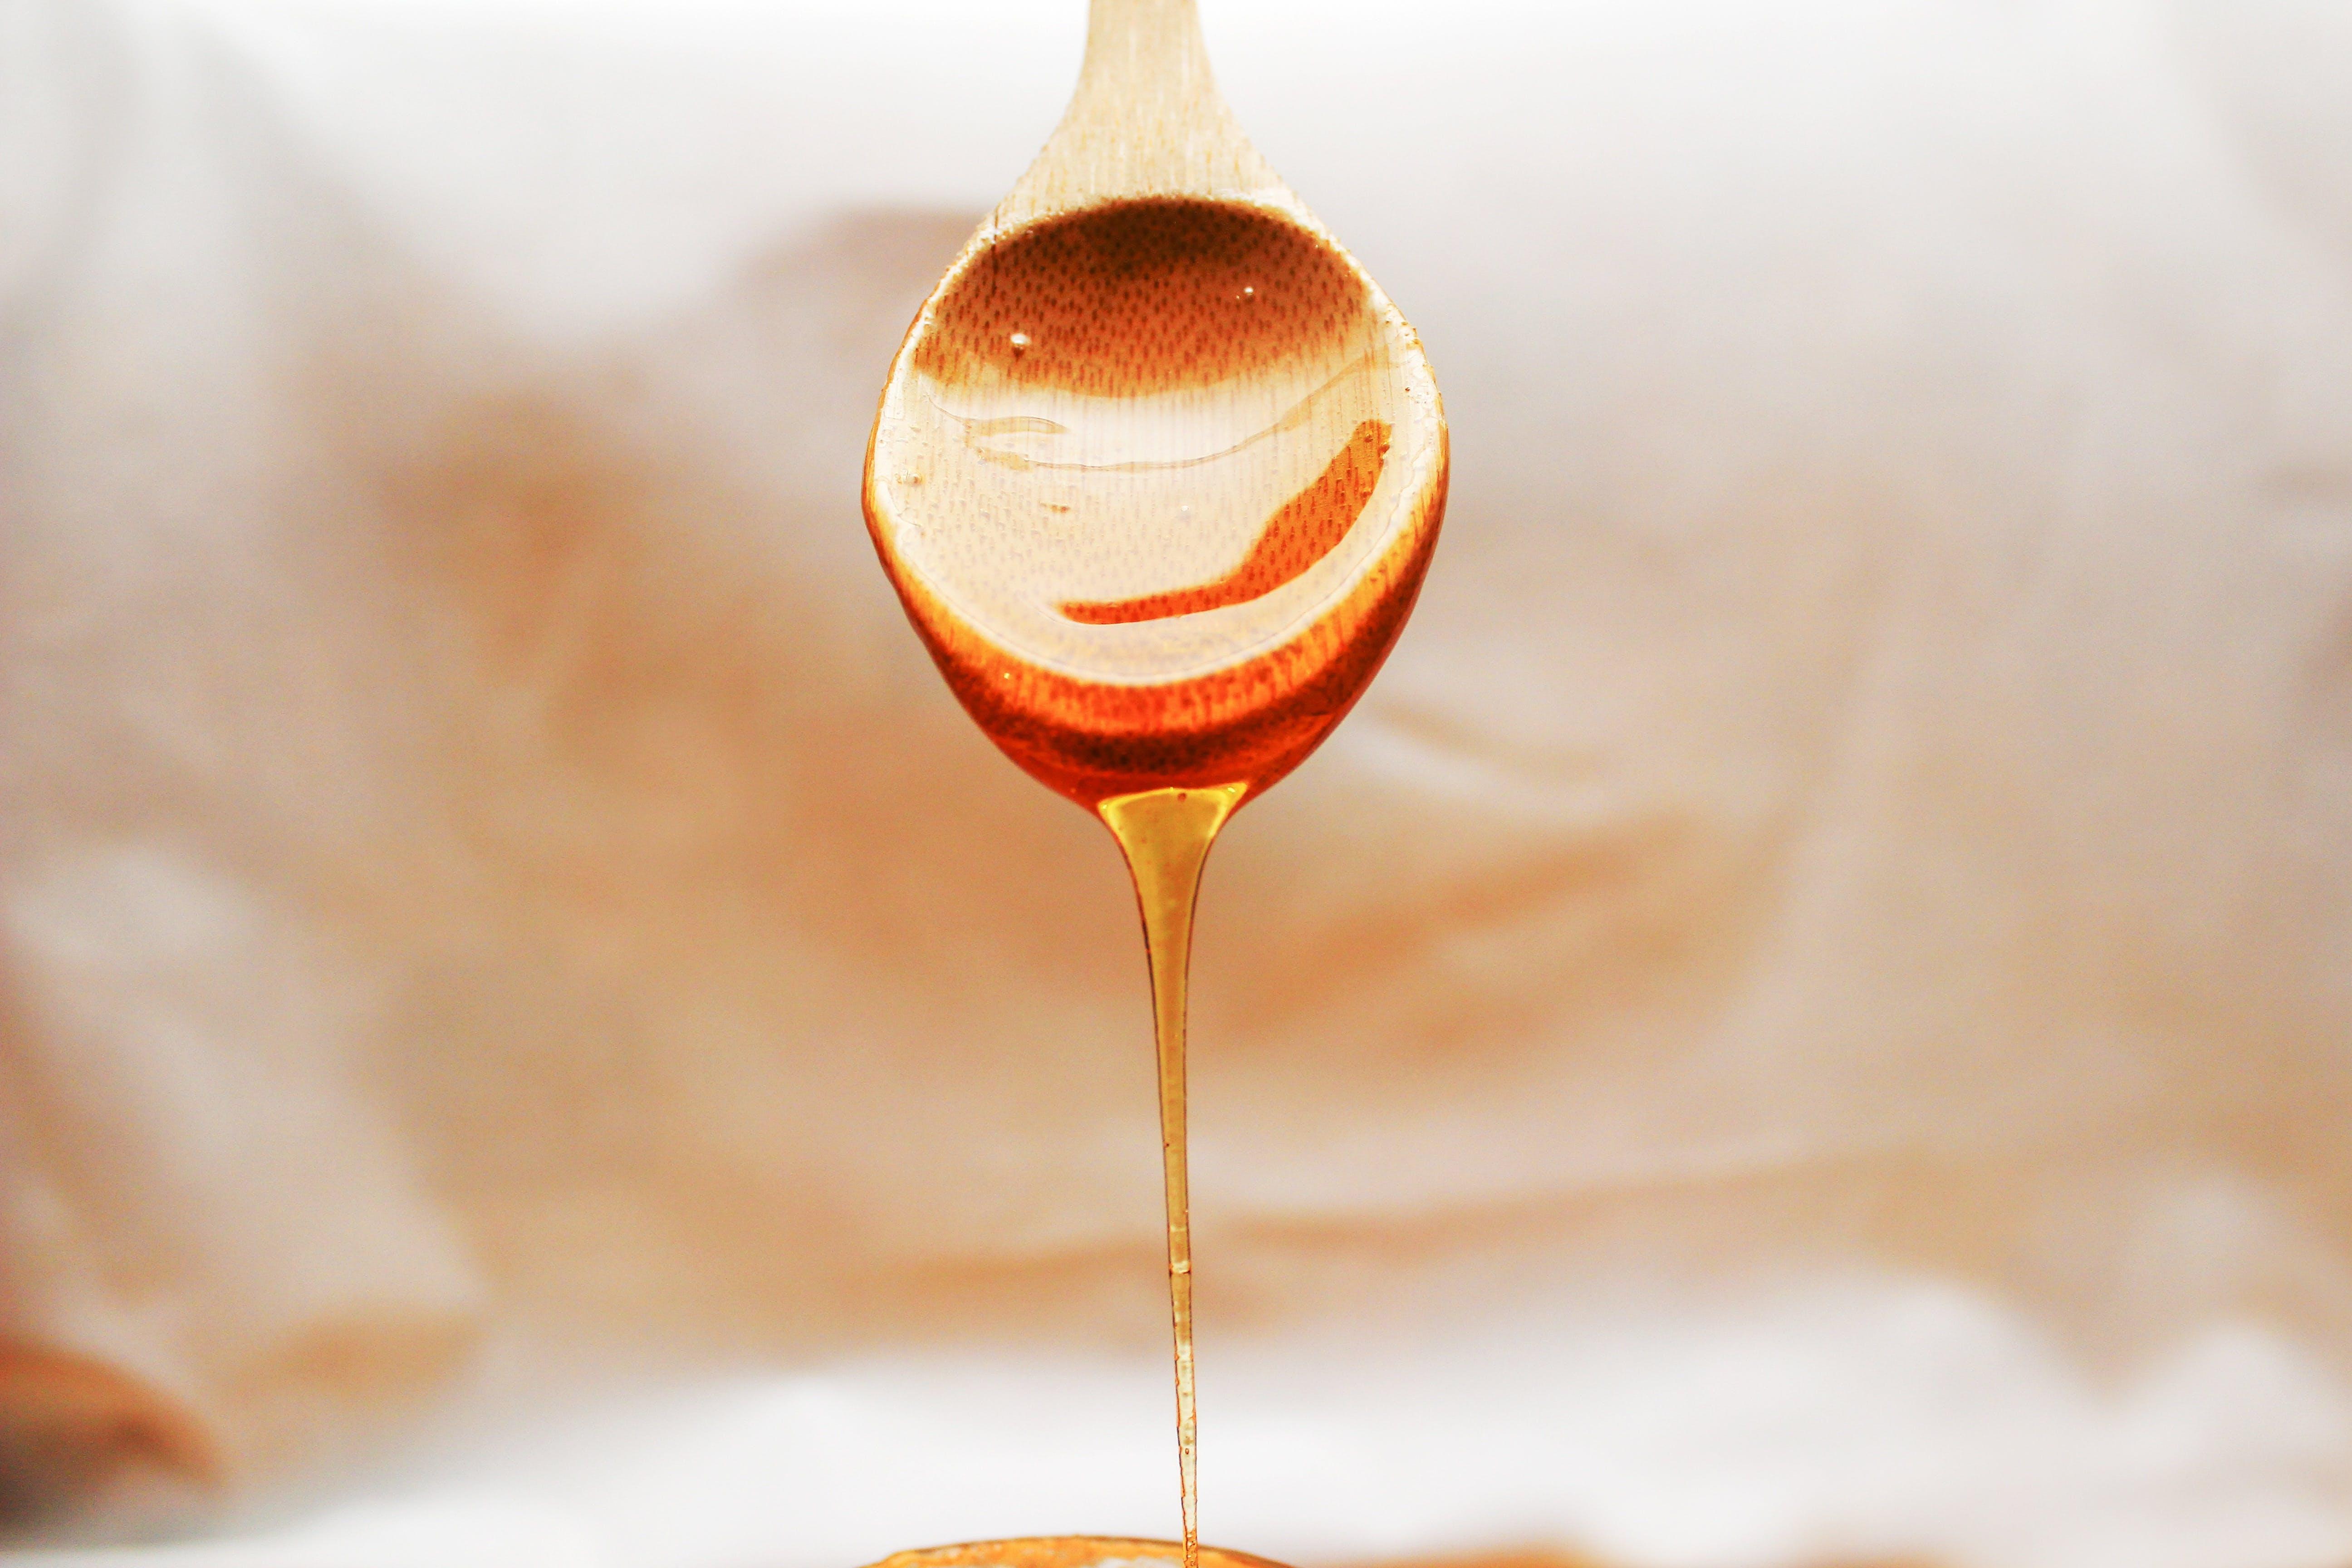 Gratis stockfoto met concentratie, goud, honing, hout